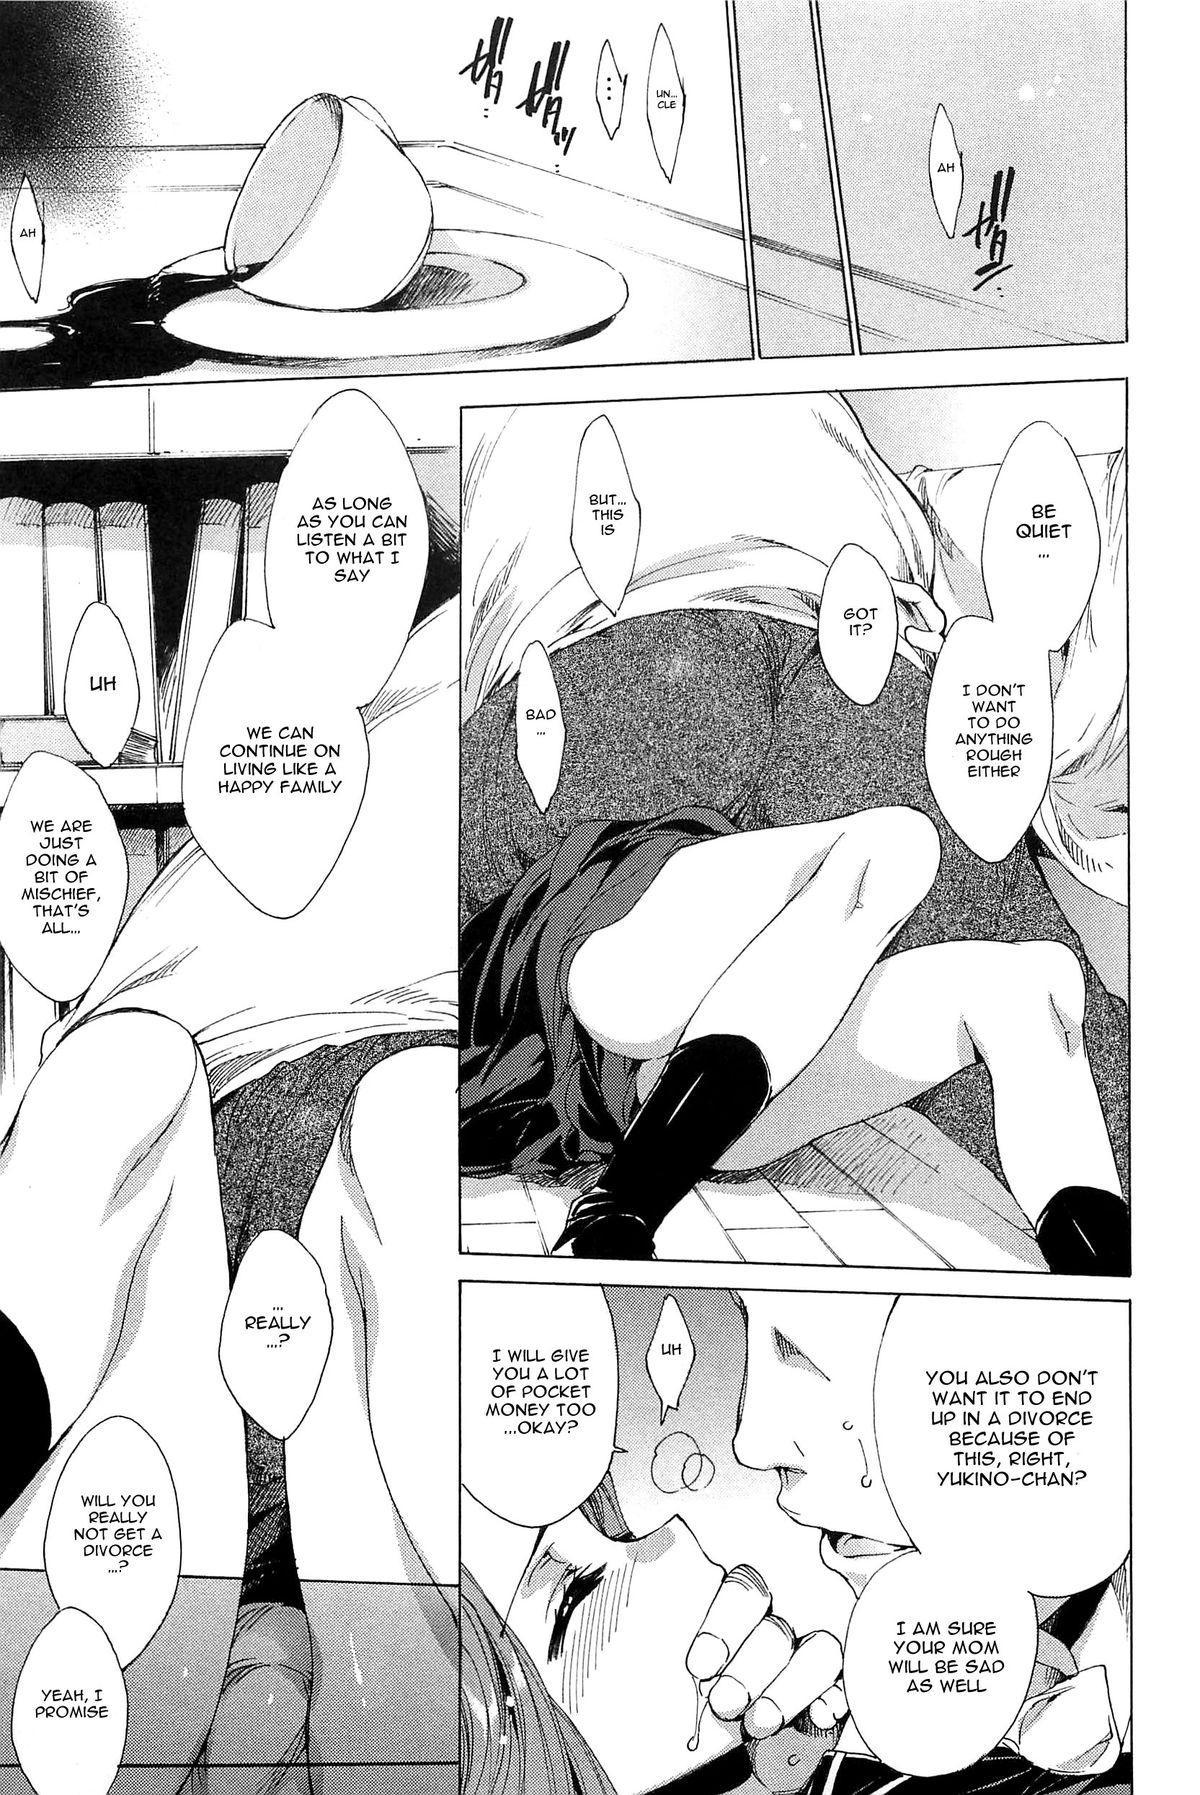 [Yuiga Naoha] Nikuyoku Rensa - NTR Kanojo   Chains of Lust - NTR Girlfriend [English] {doujin-moe.us} 174